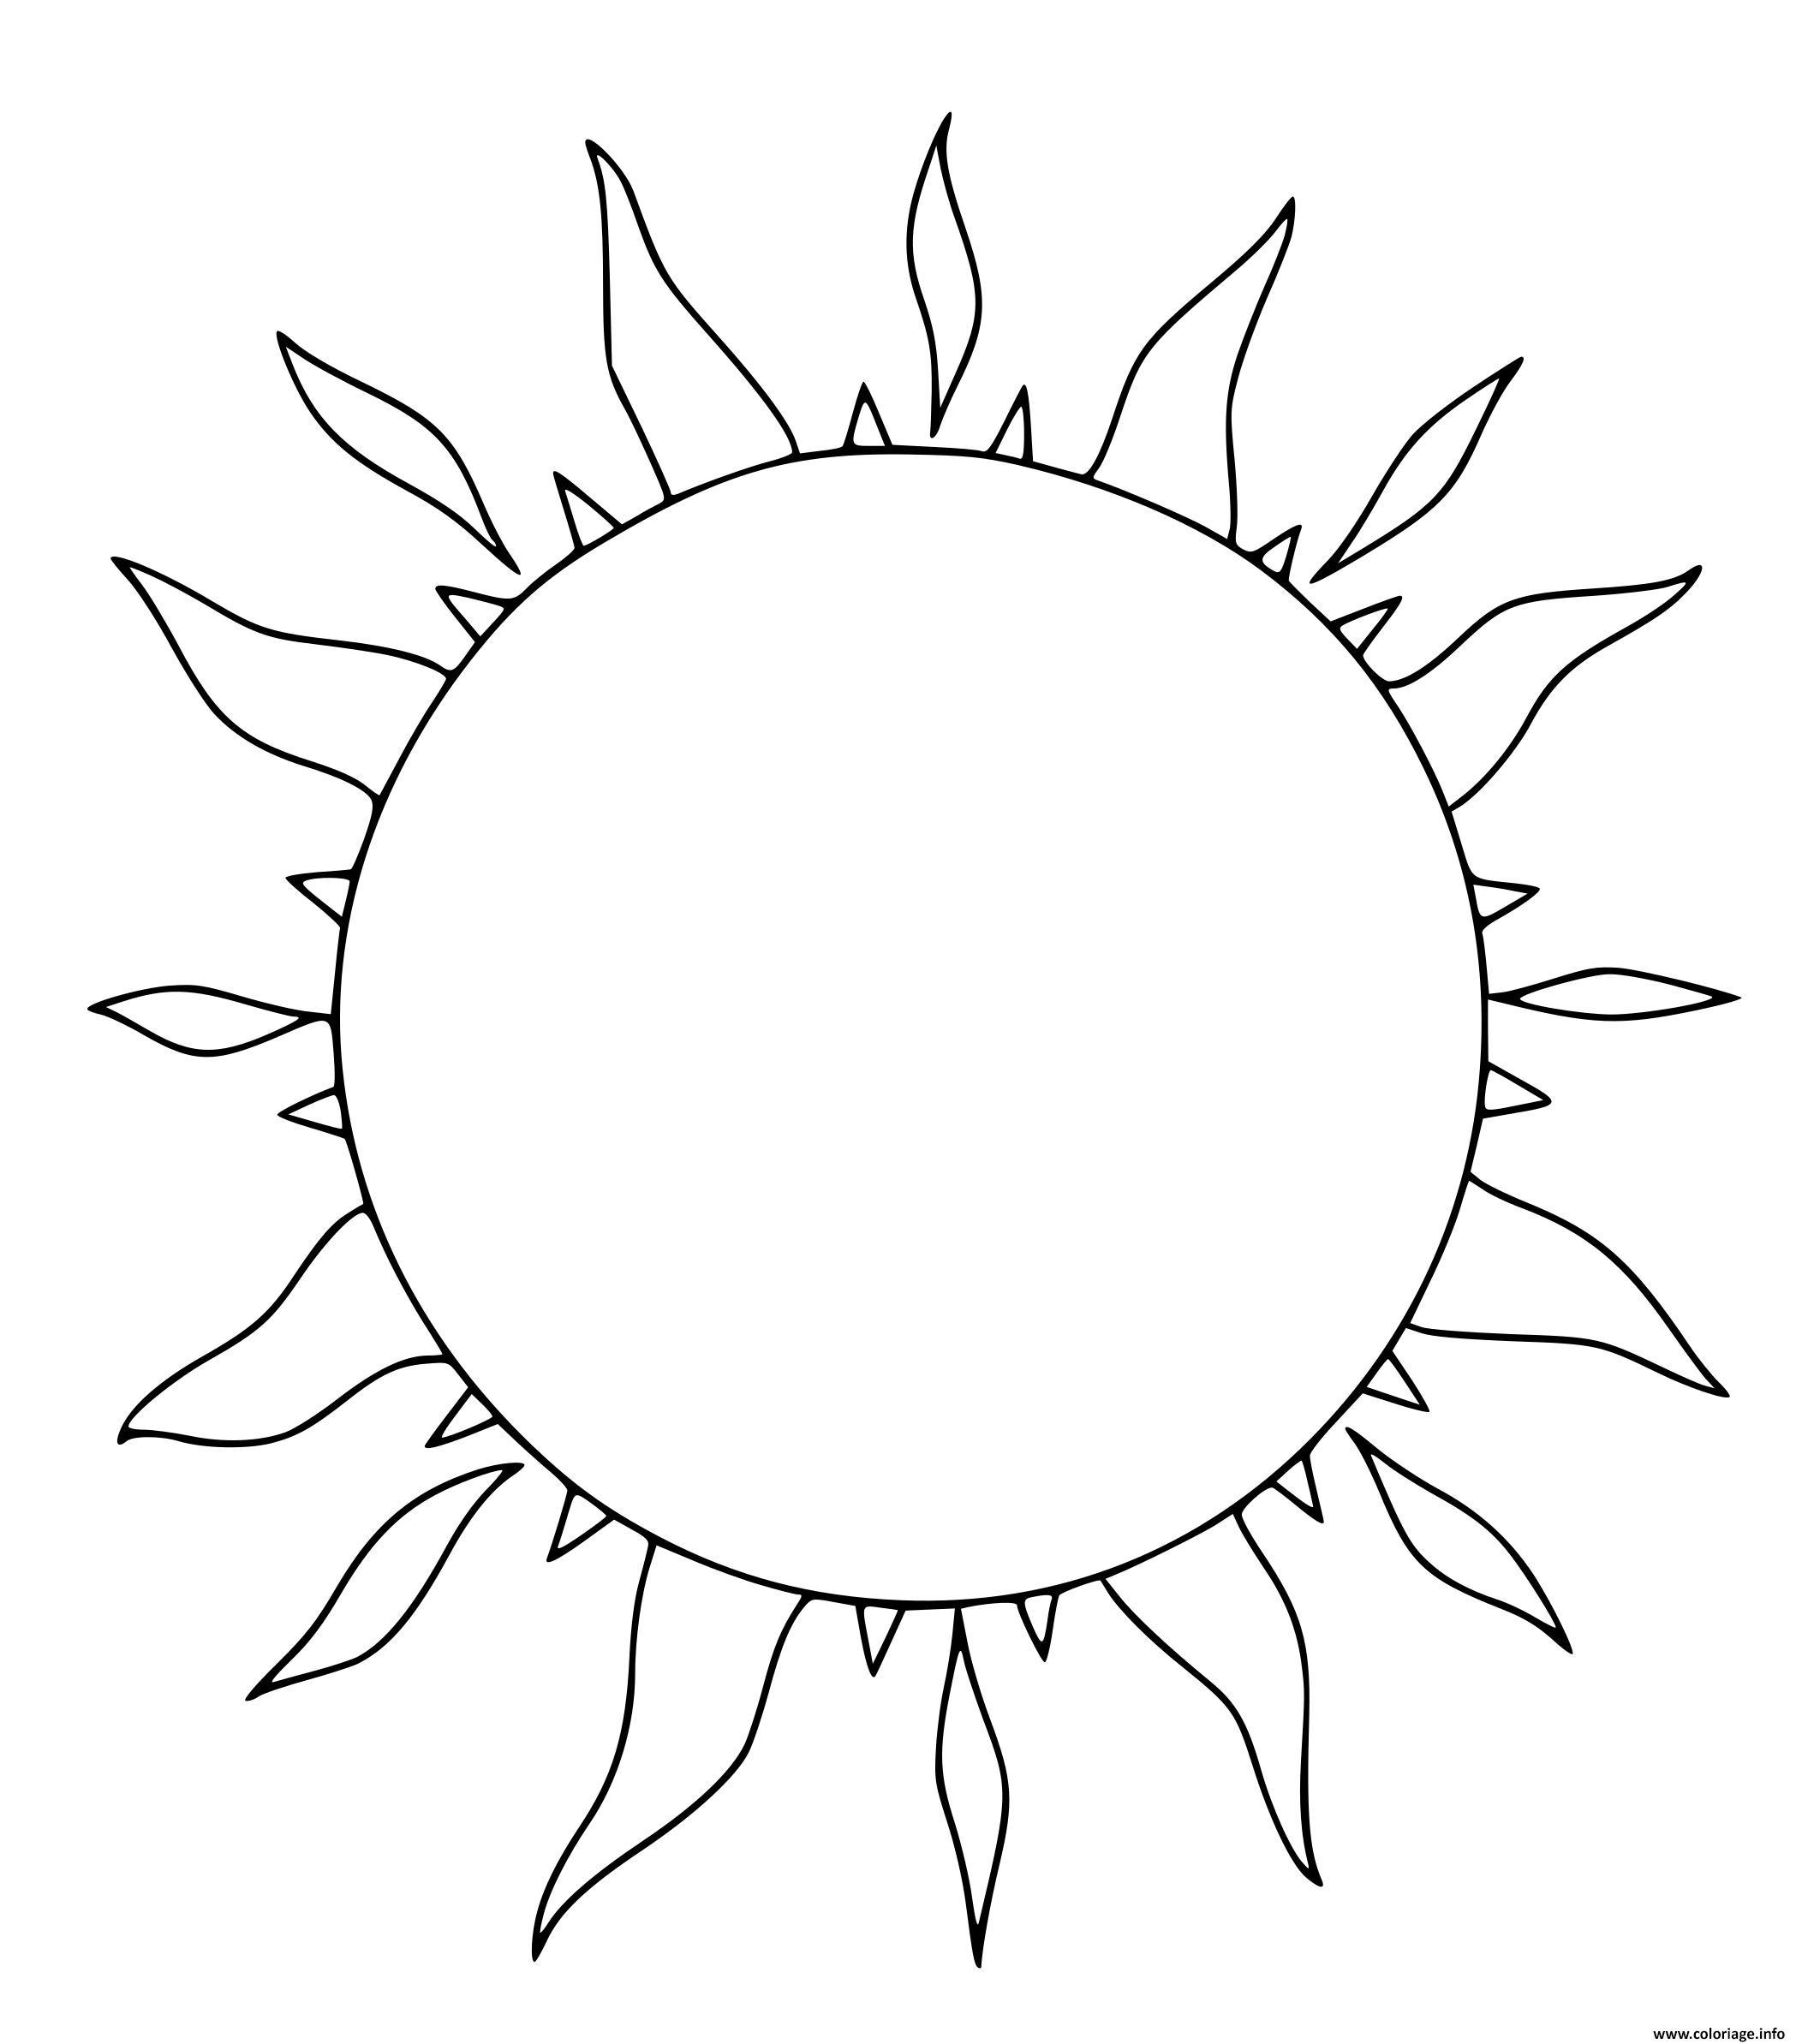 Dessin le soleil en ete Coloriage Gratuit à Imprimer